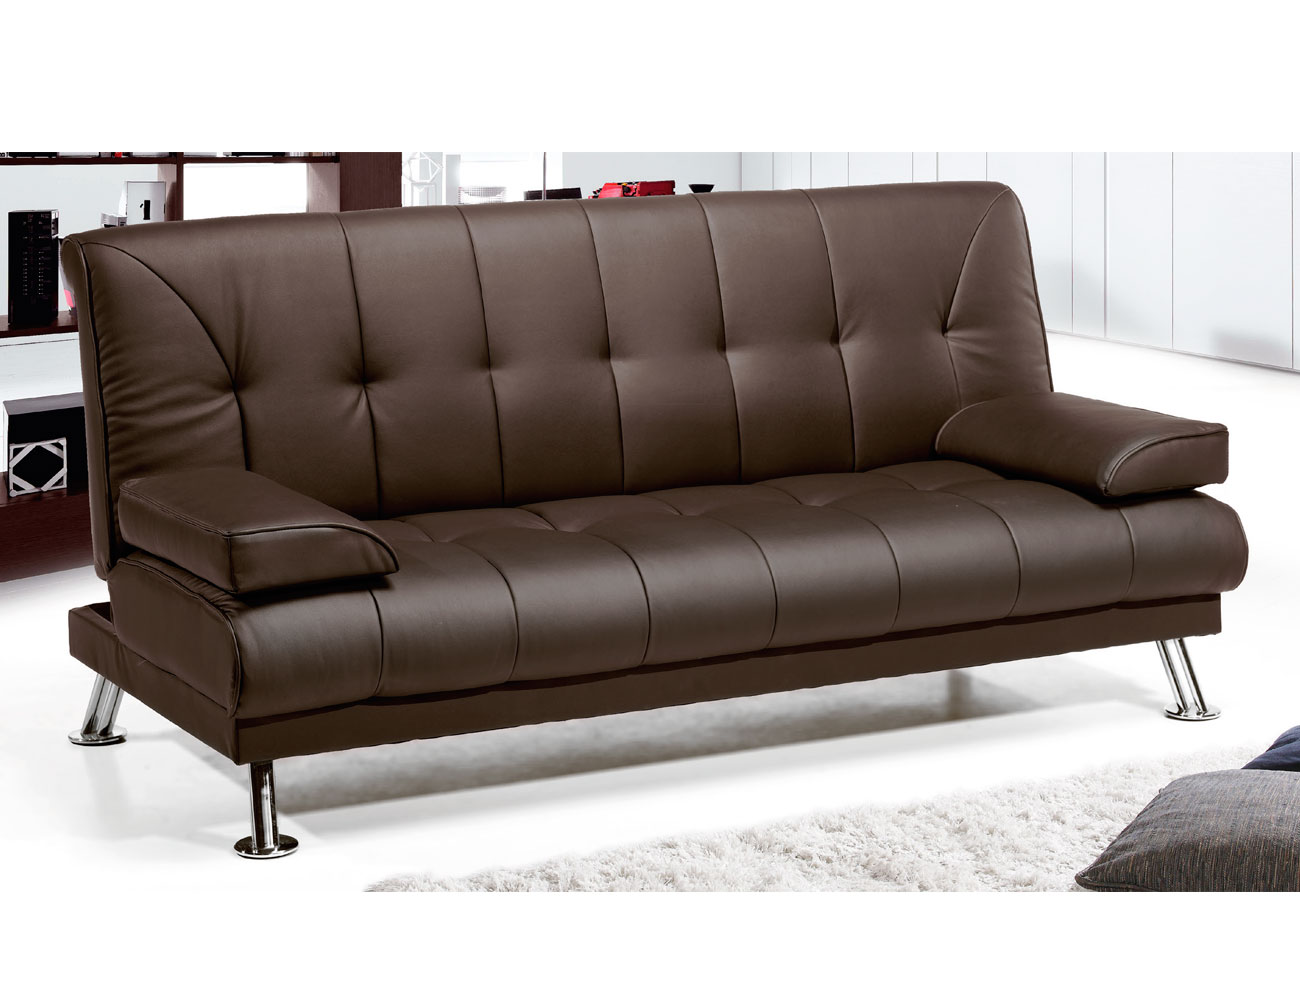 sof cama tipo libro con respaldo alto 7271 factory